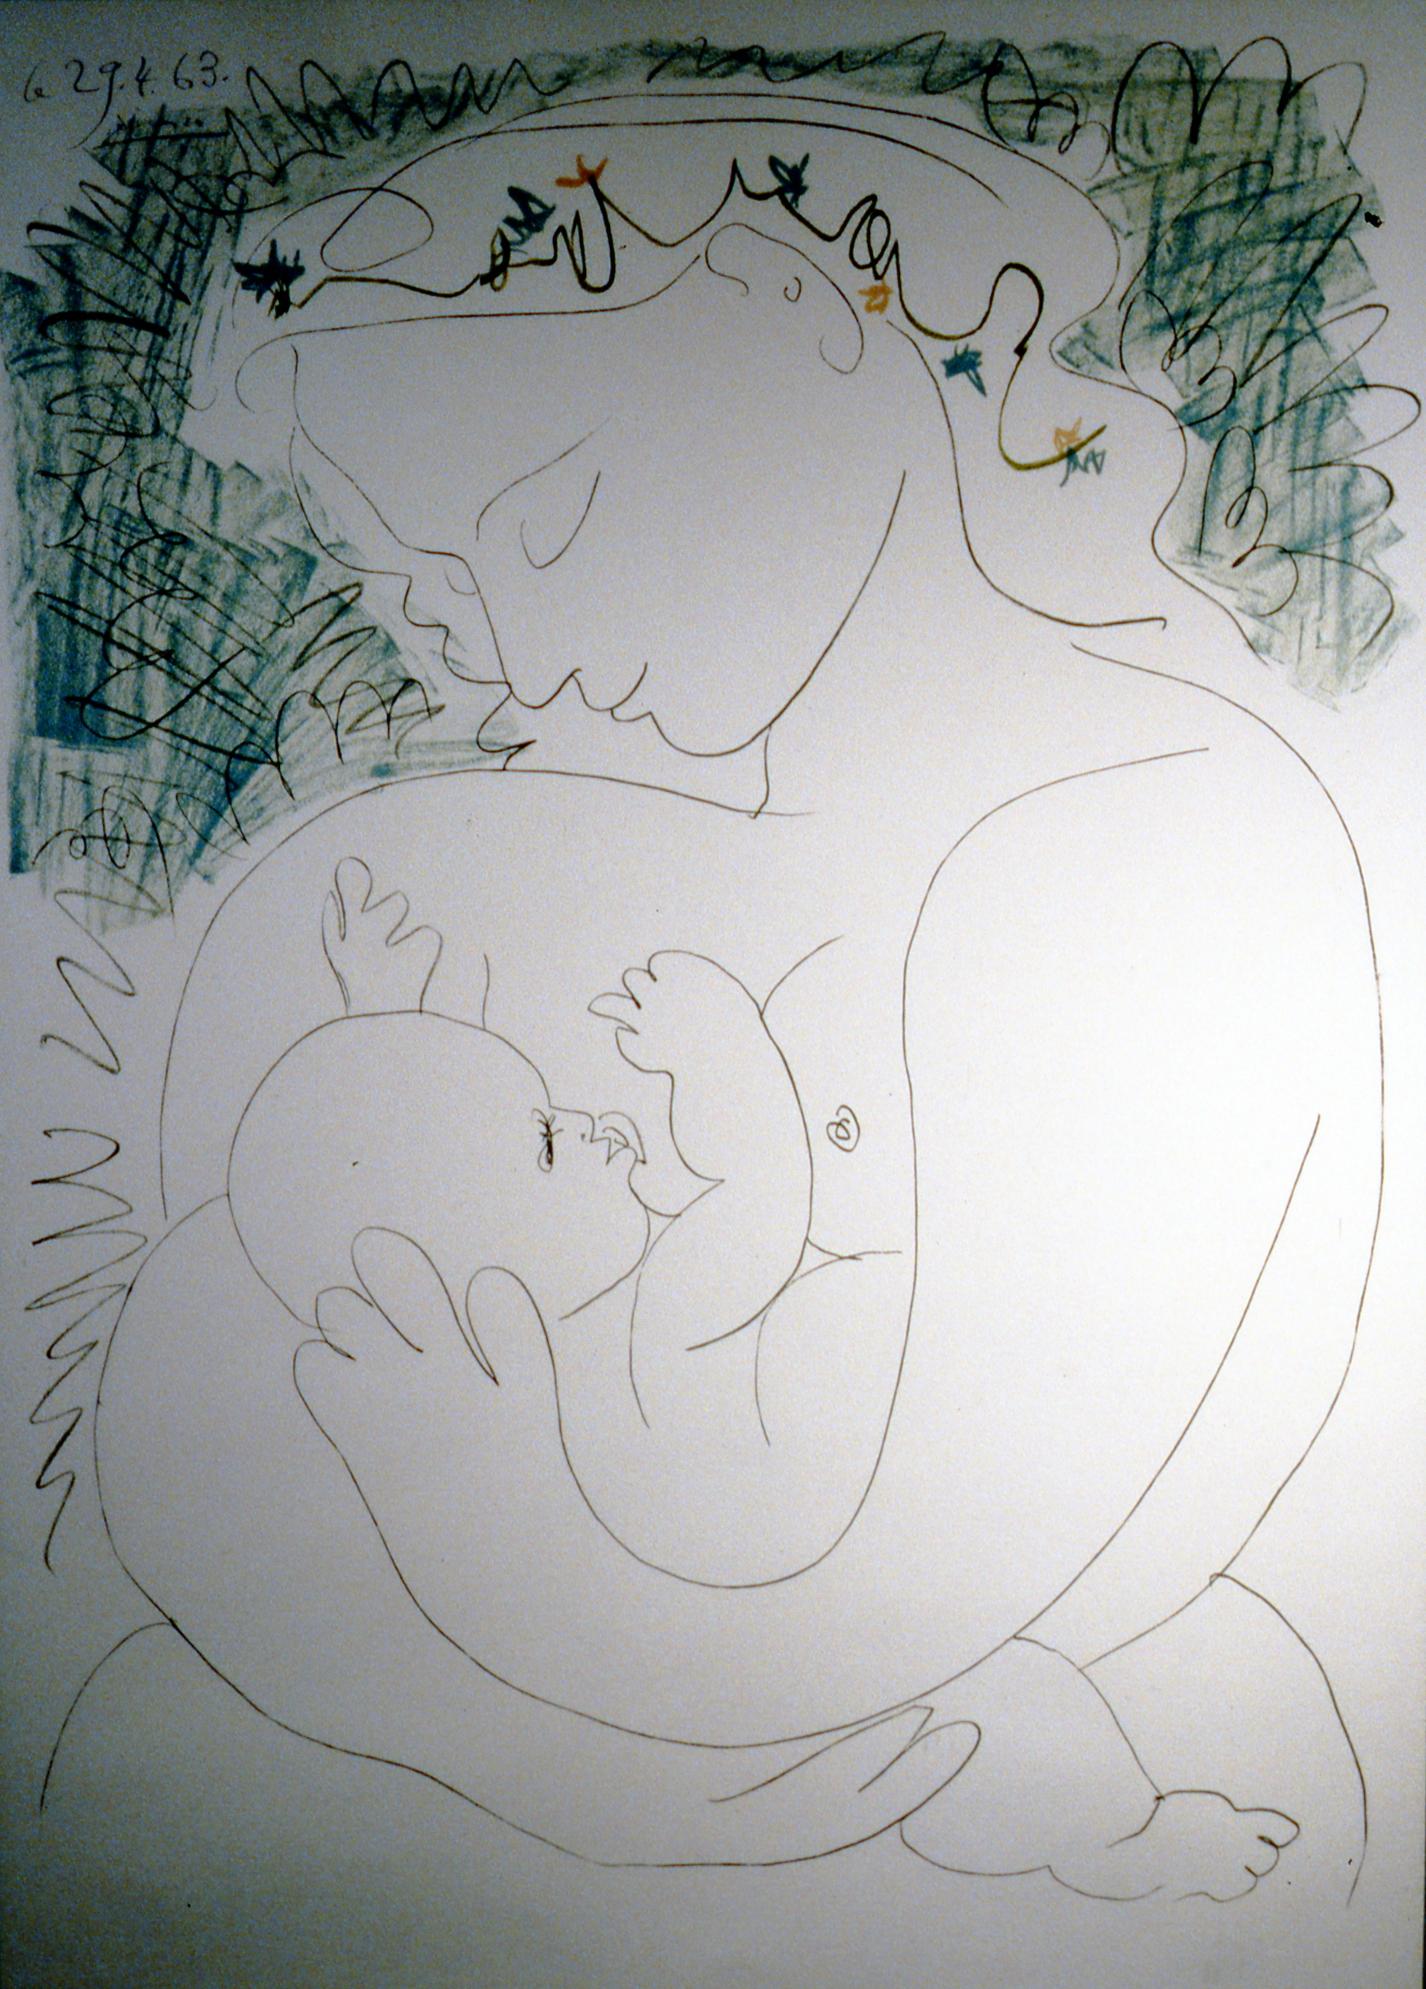 Grande Maternite , 1963, Pablo Picasso. lithograph, 1995.07.01